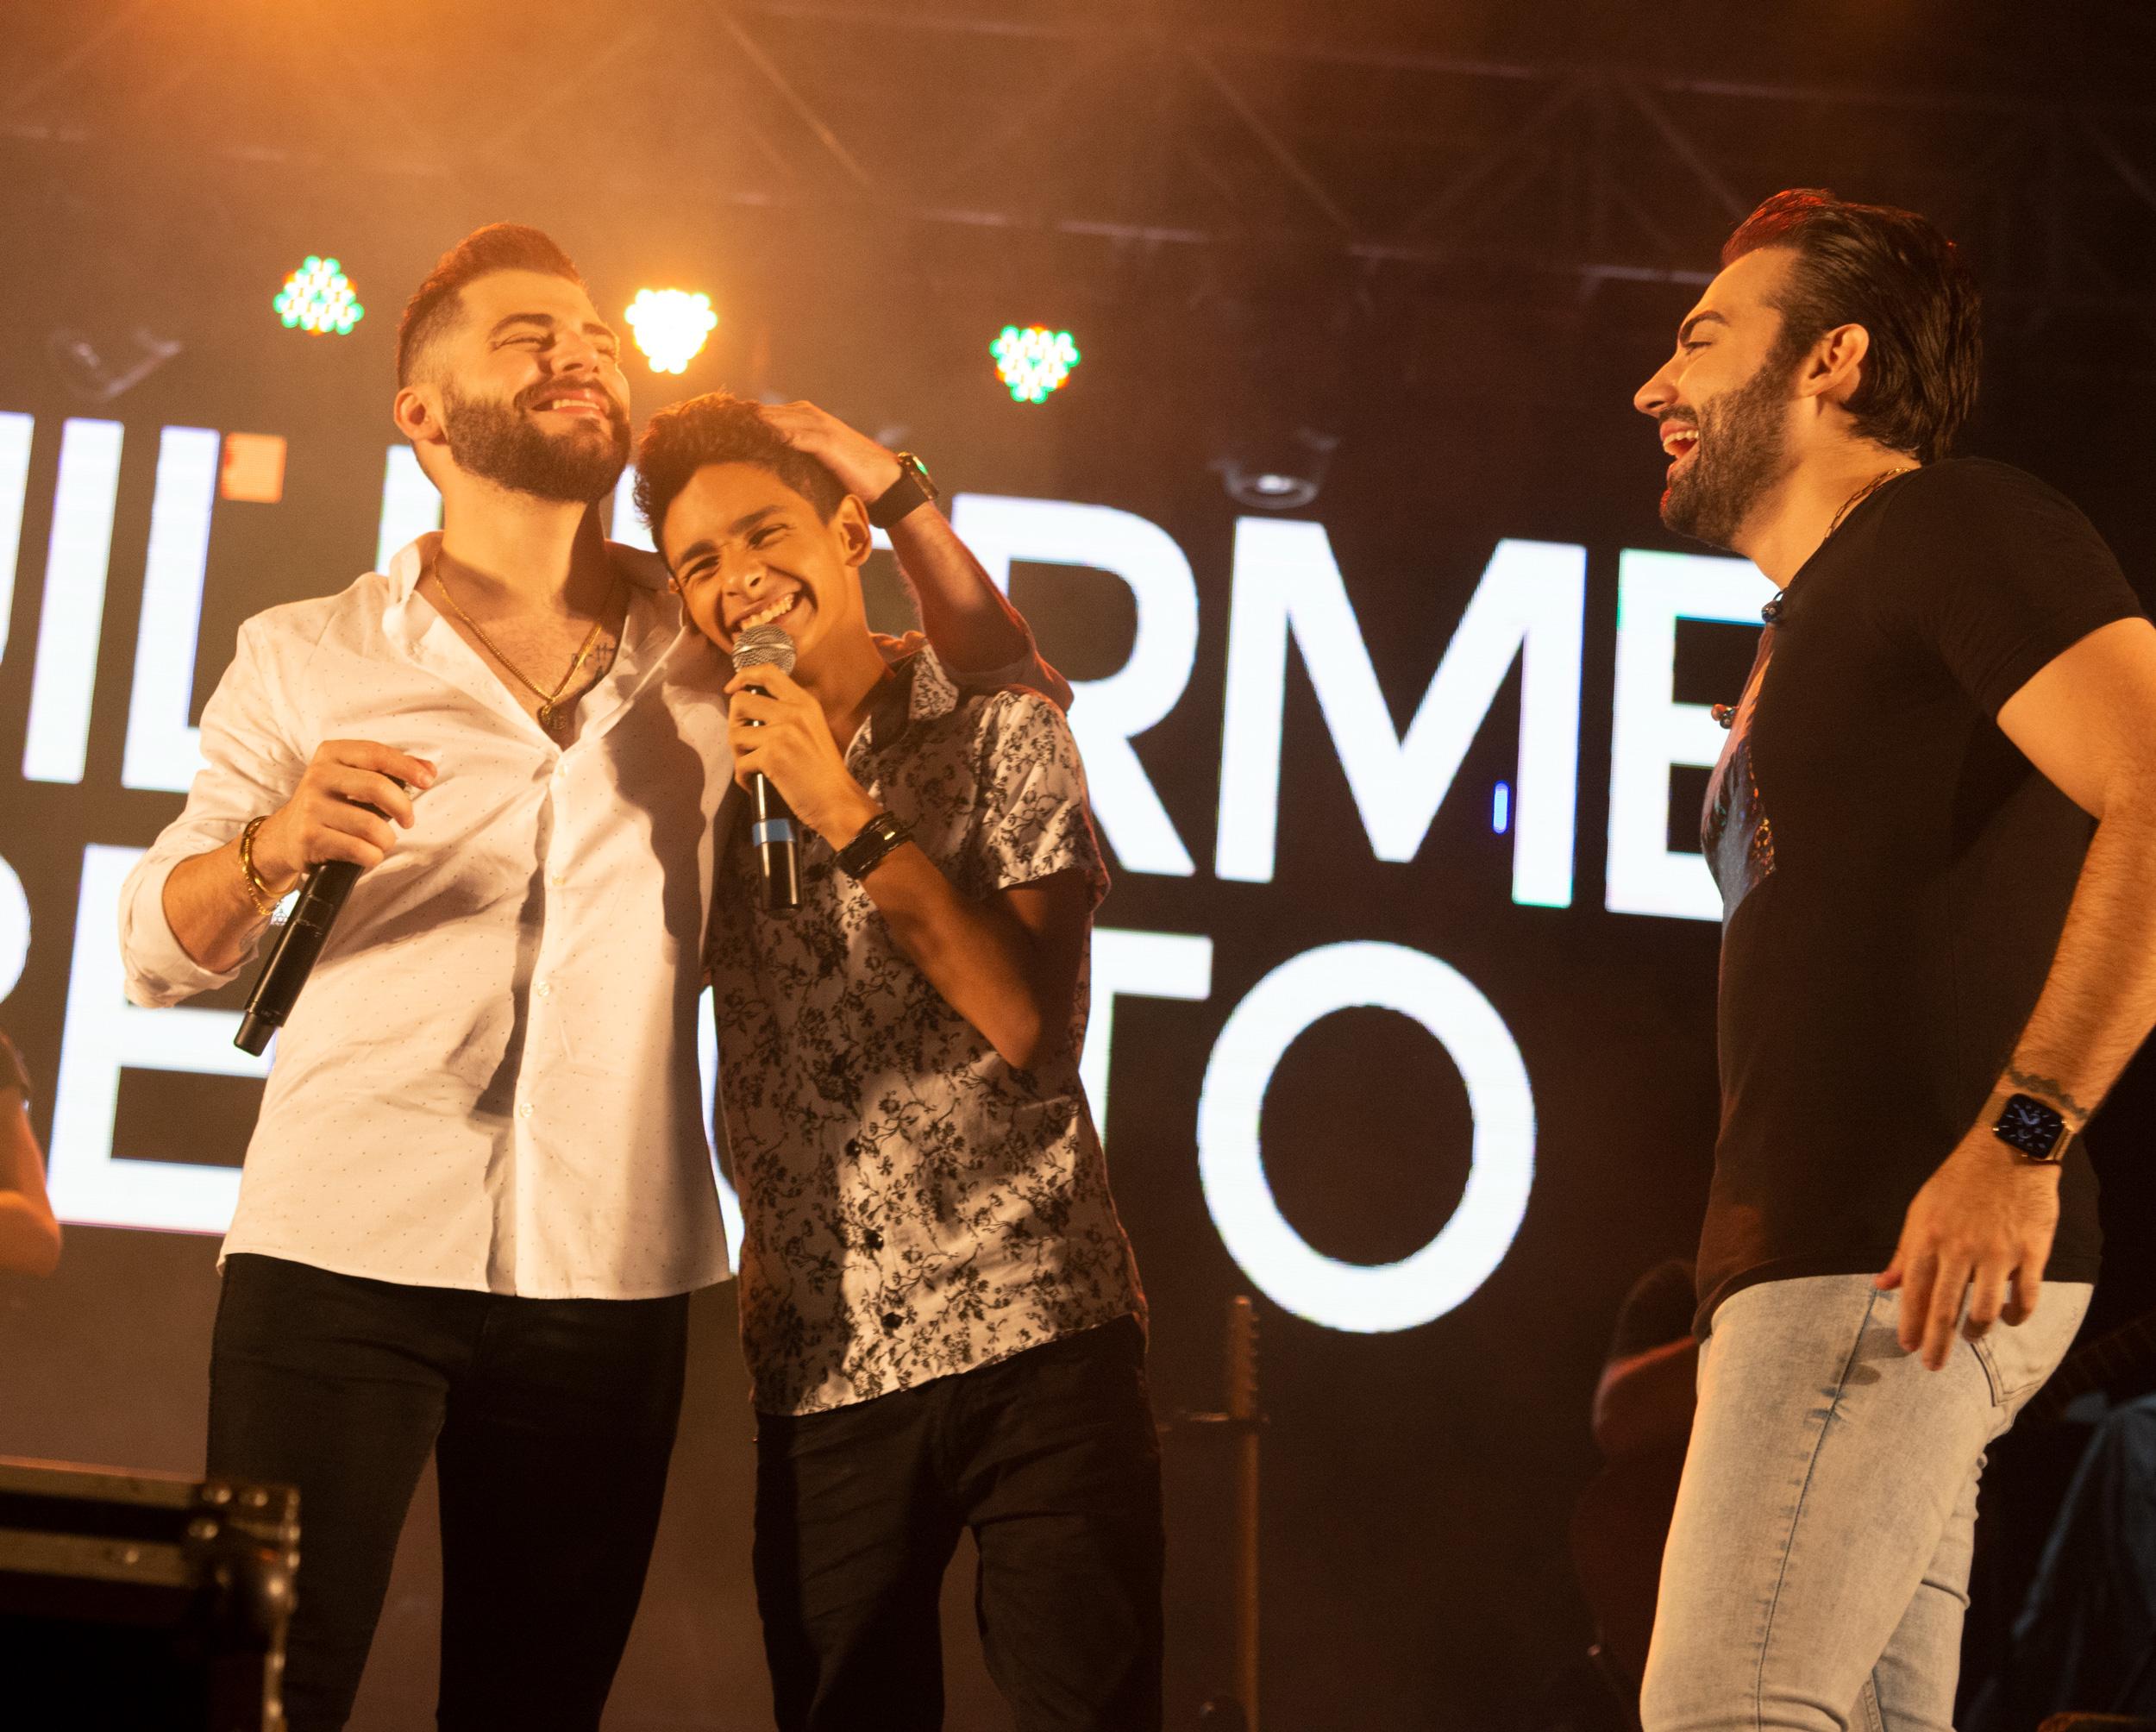 Guilherme e Benuto presenteiam fã durante show em Goiânia